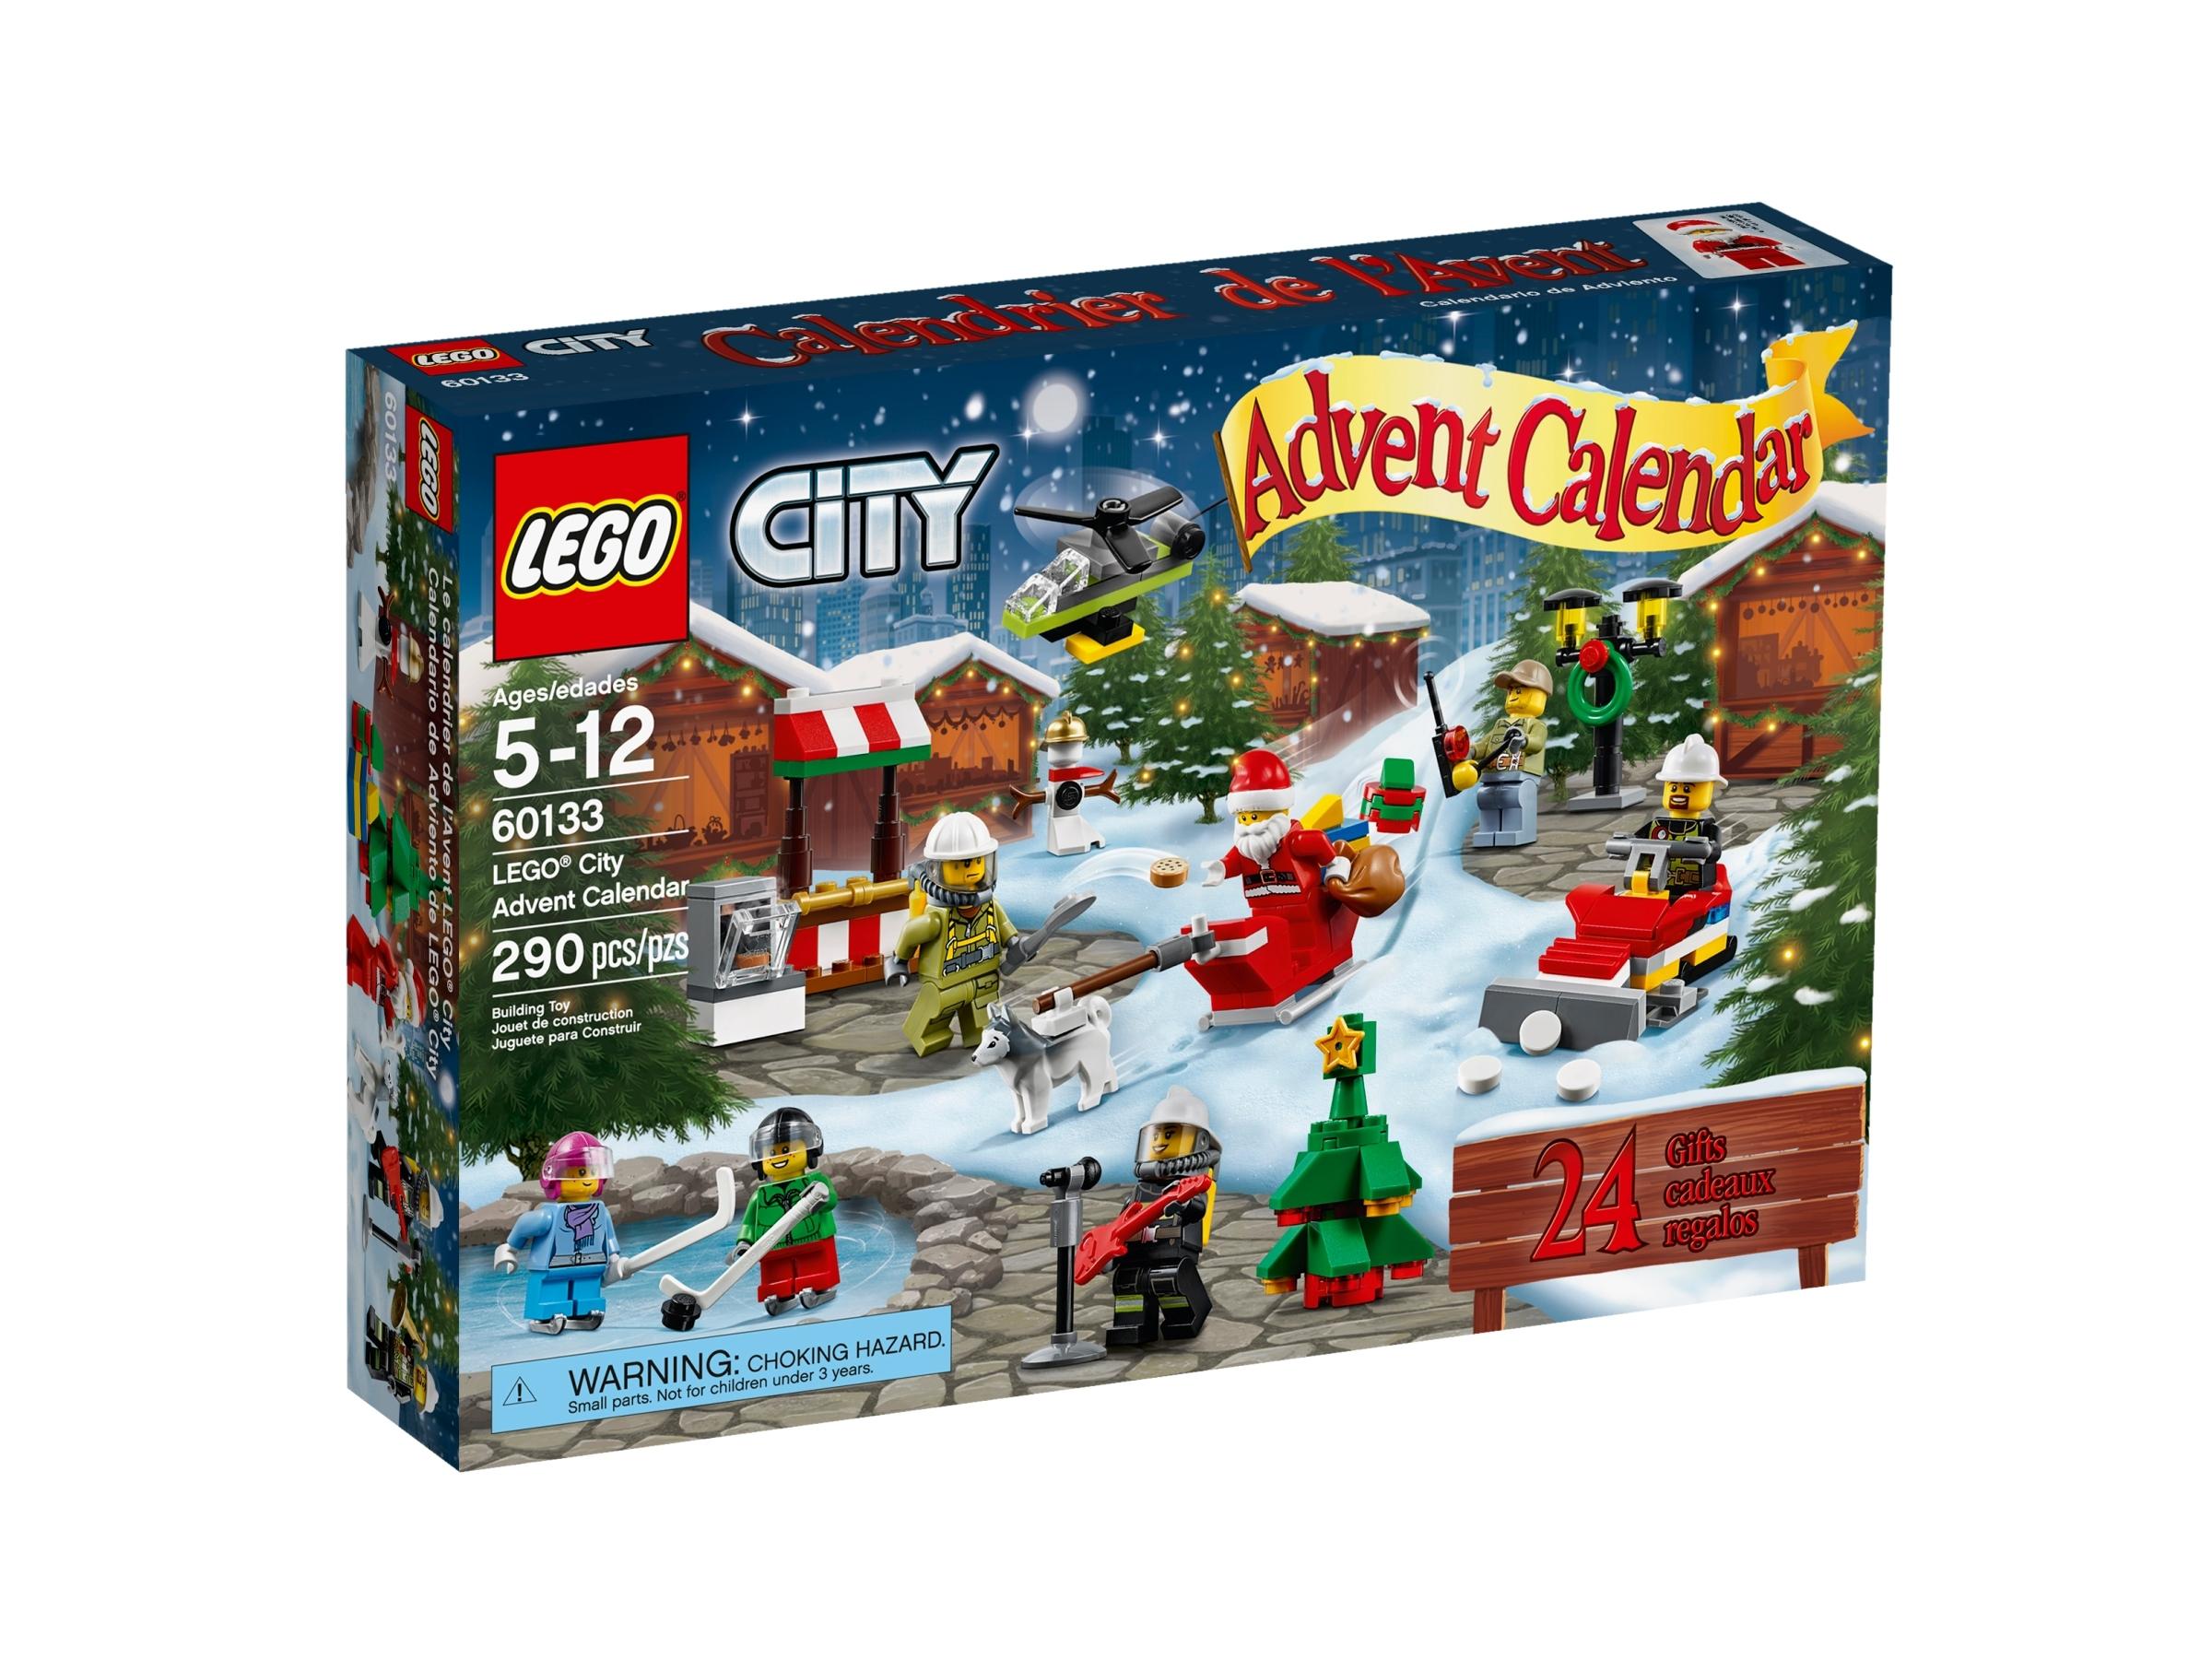 lego city adventkalender 60133